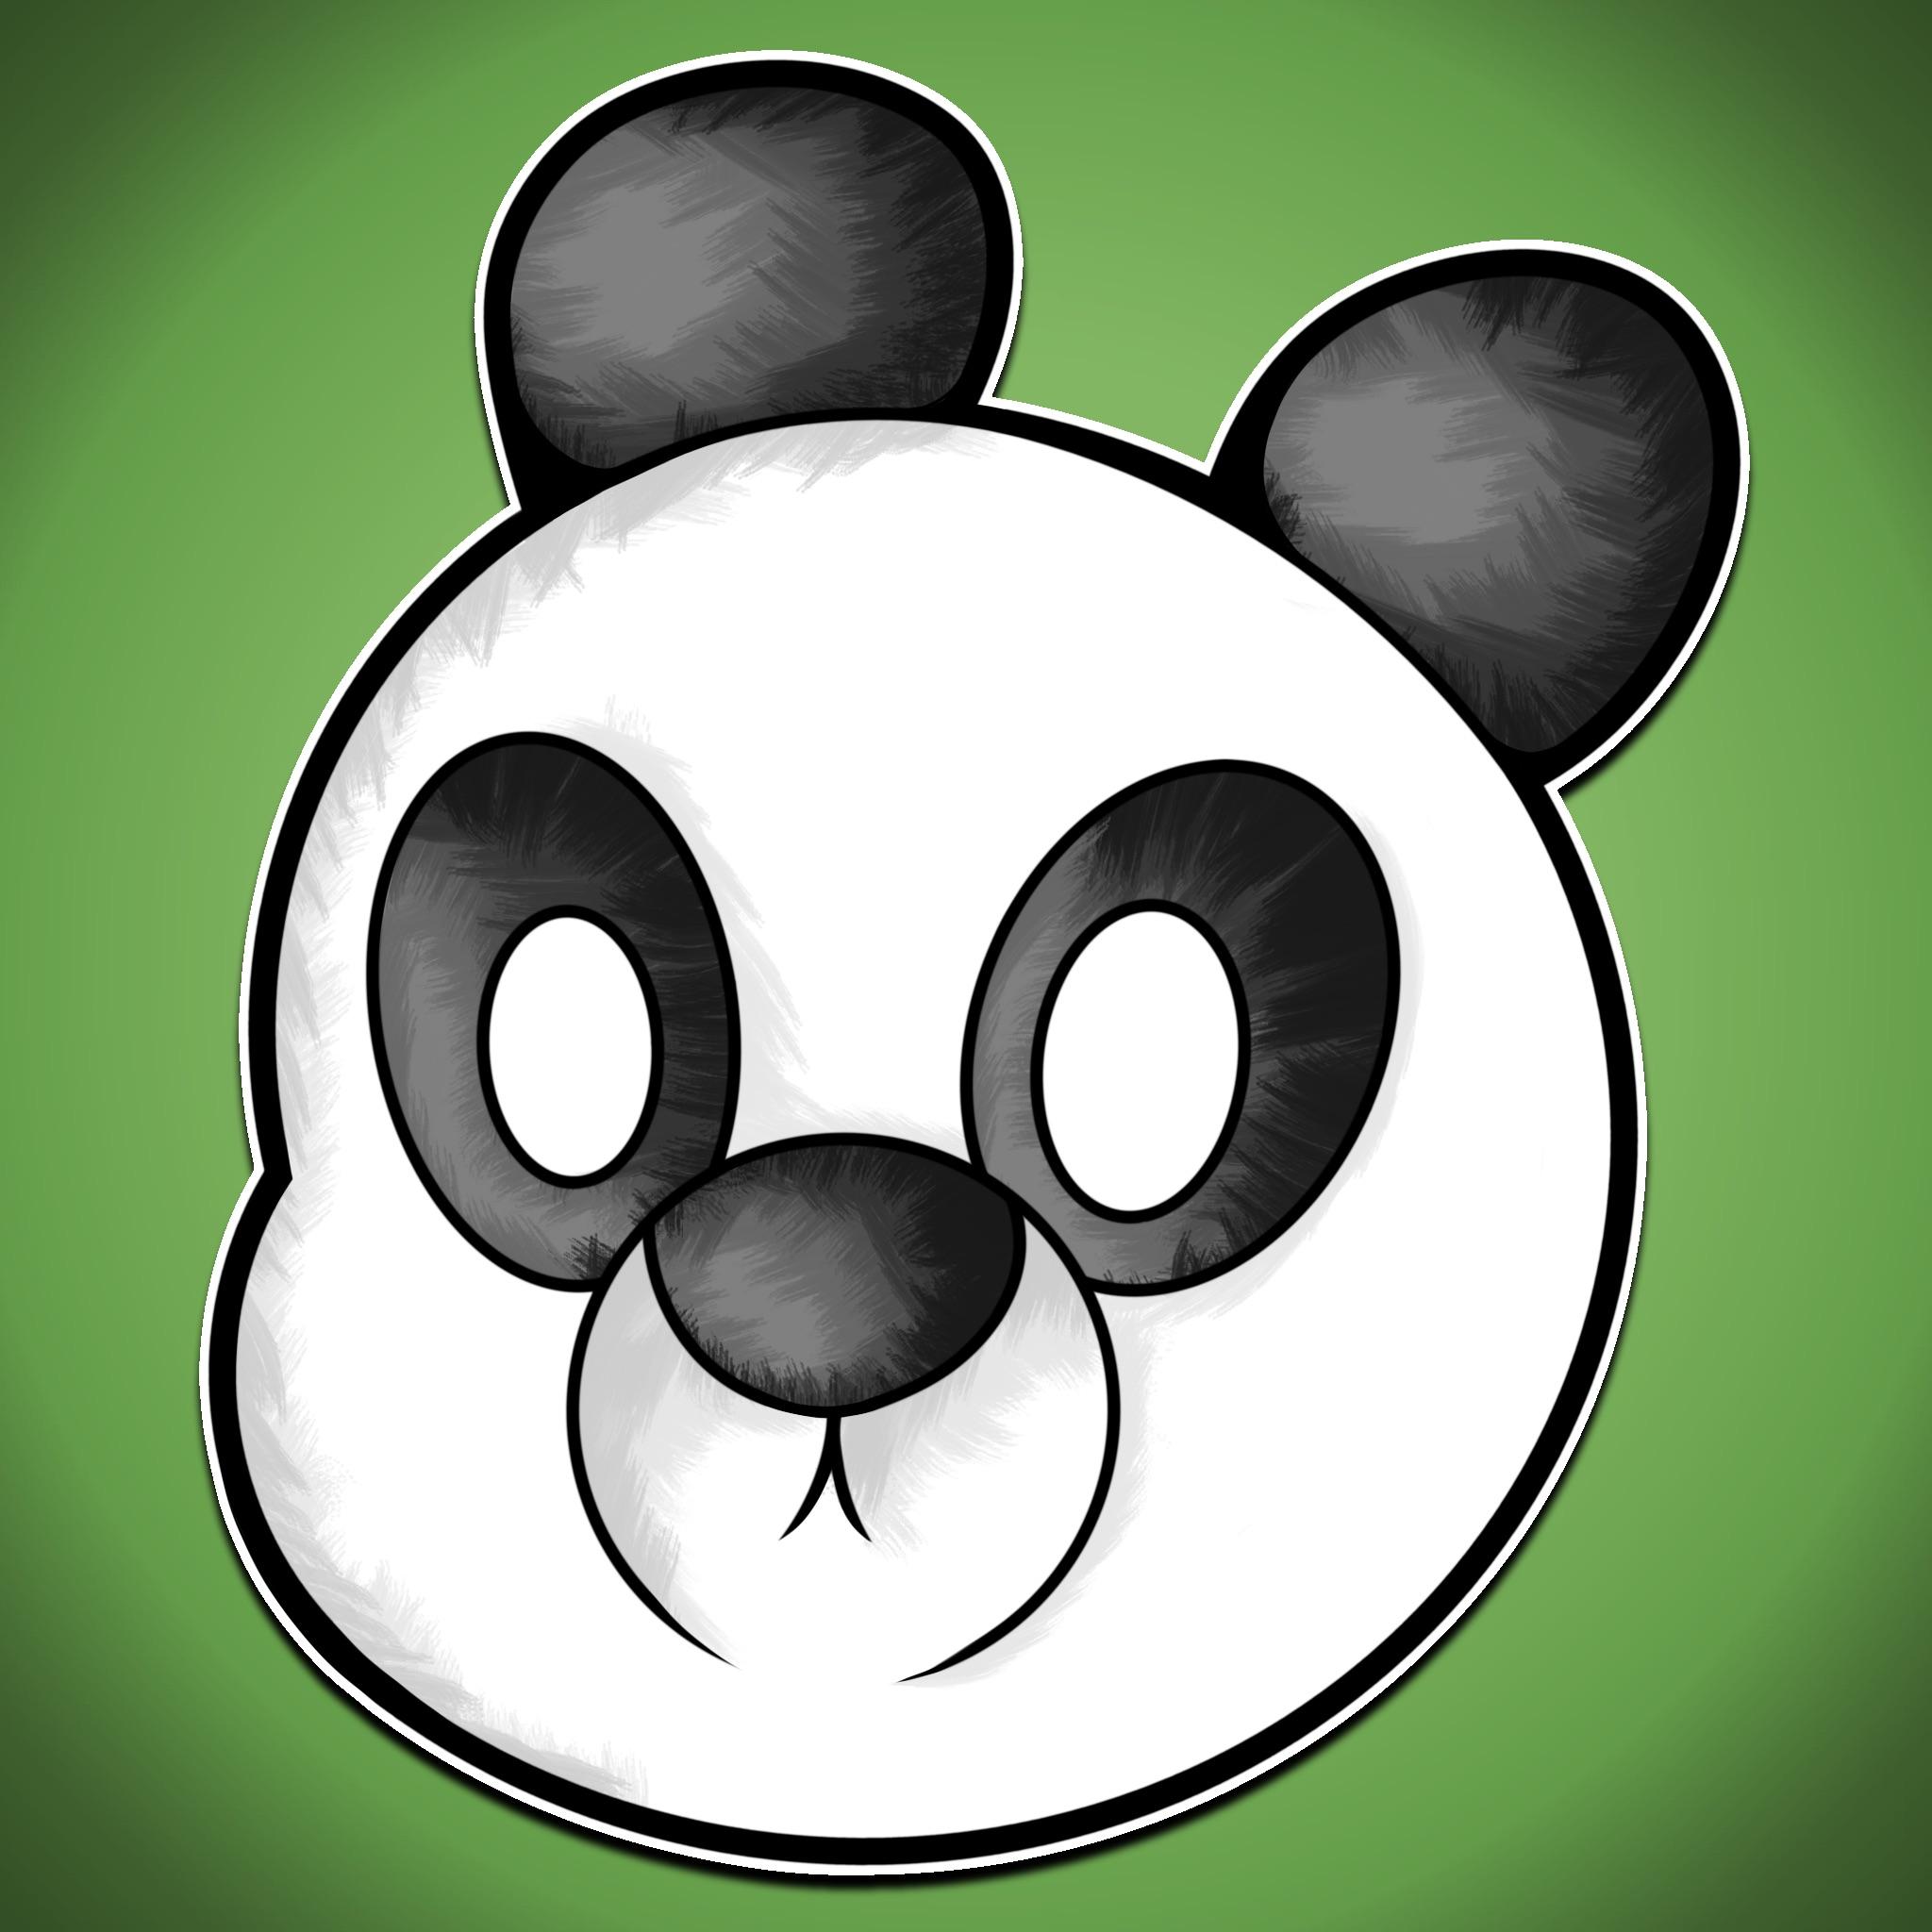 Panda Bear [Drawing] - 3/20/16